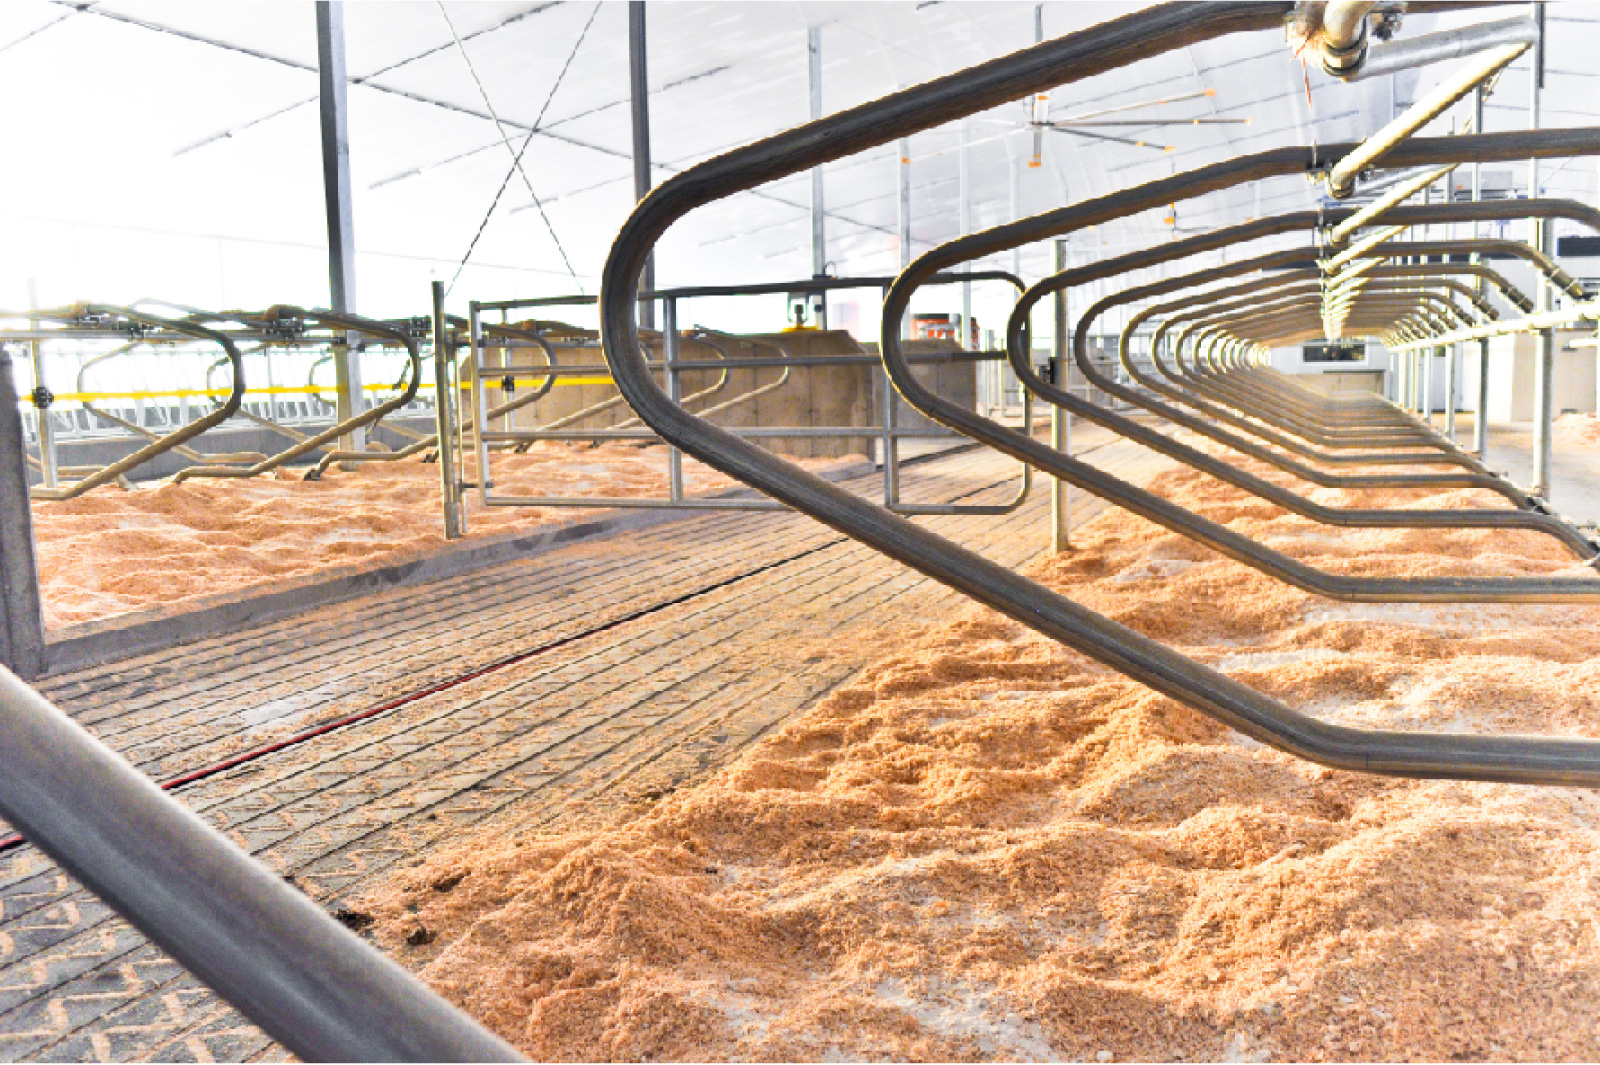 logette vache laitière installation agricole / Équipements PFB